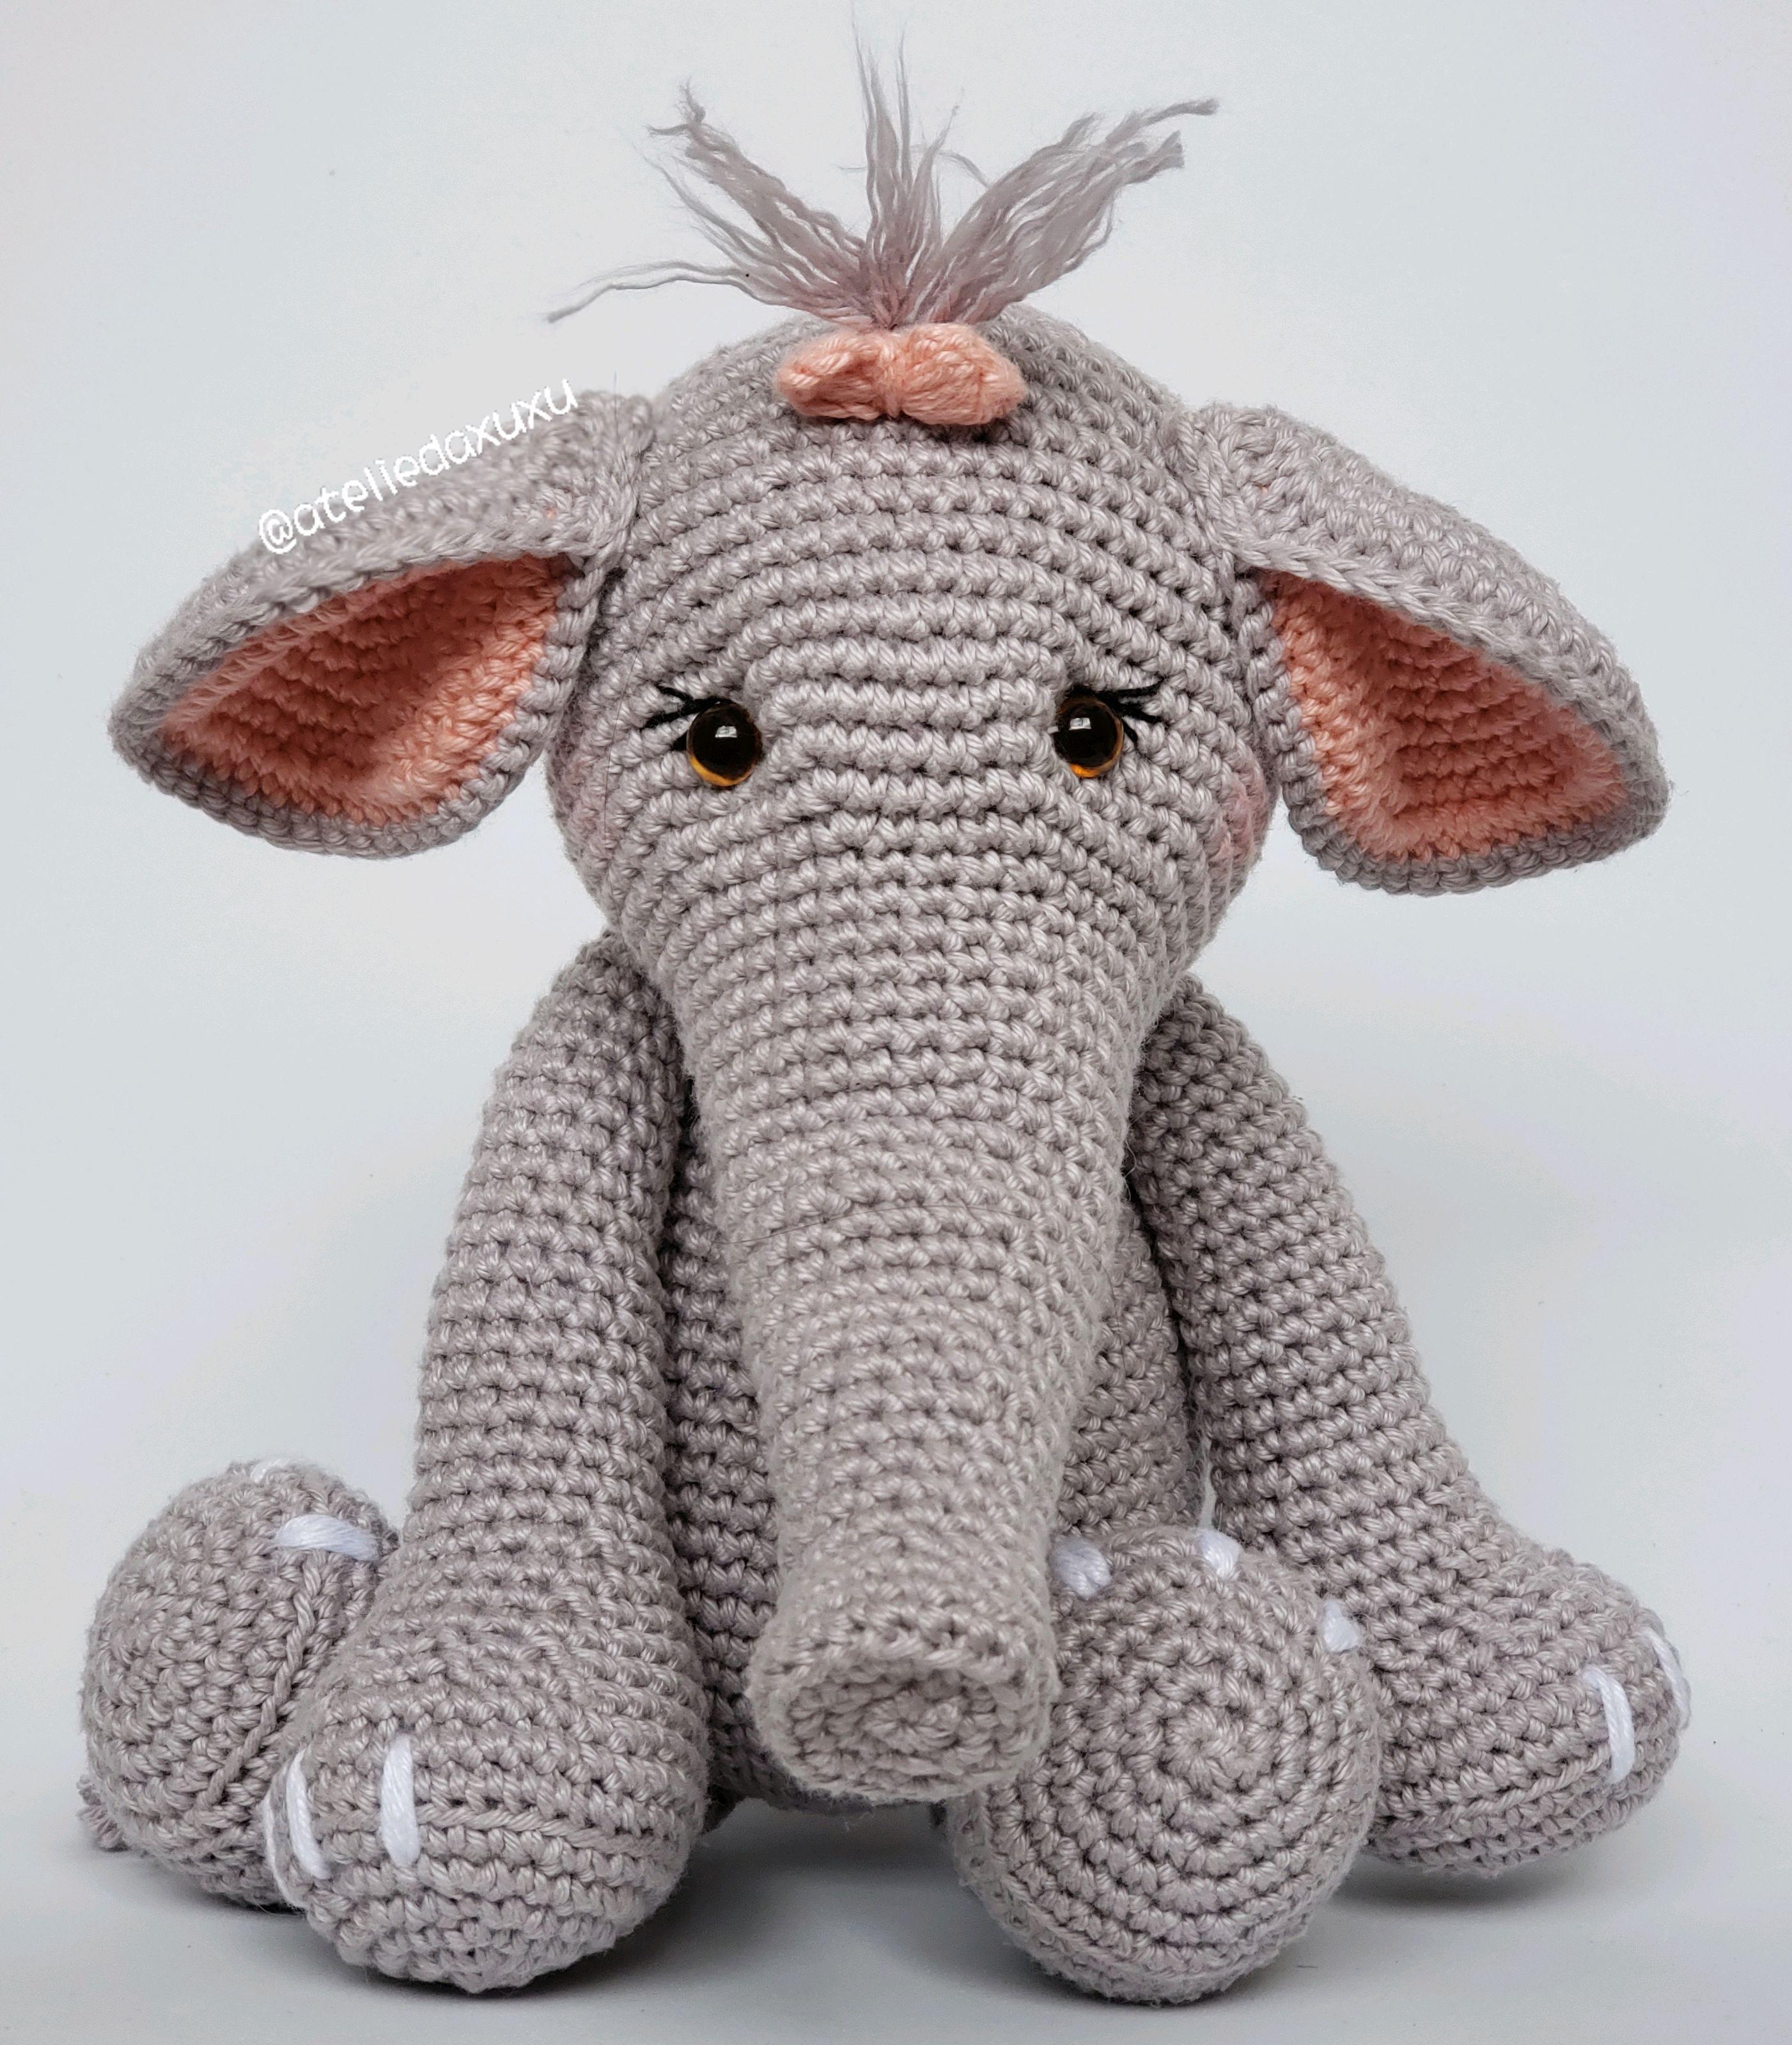 Como fazer elefante em crochê passo a passo amigurumi com receita ... | 3199x2803